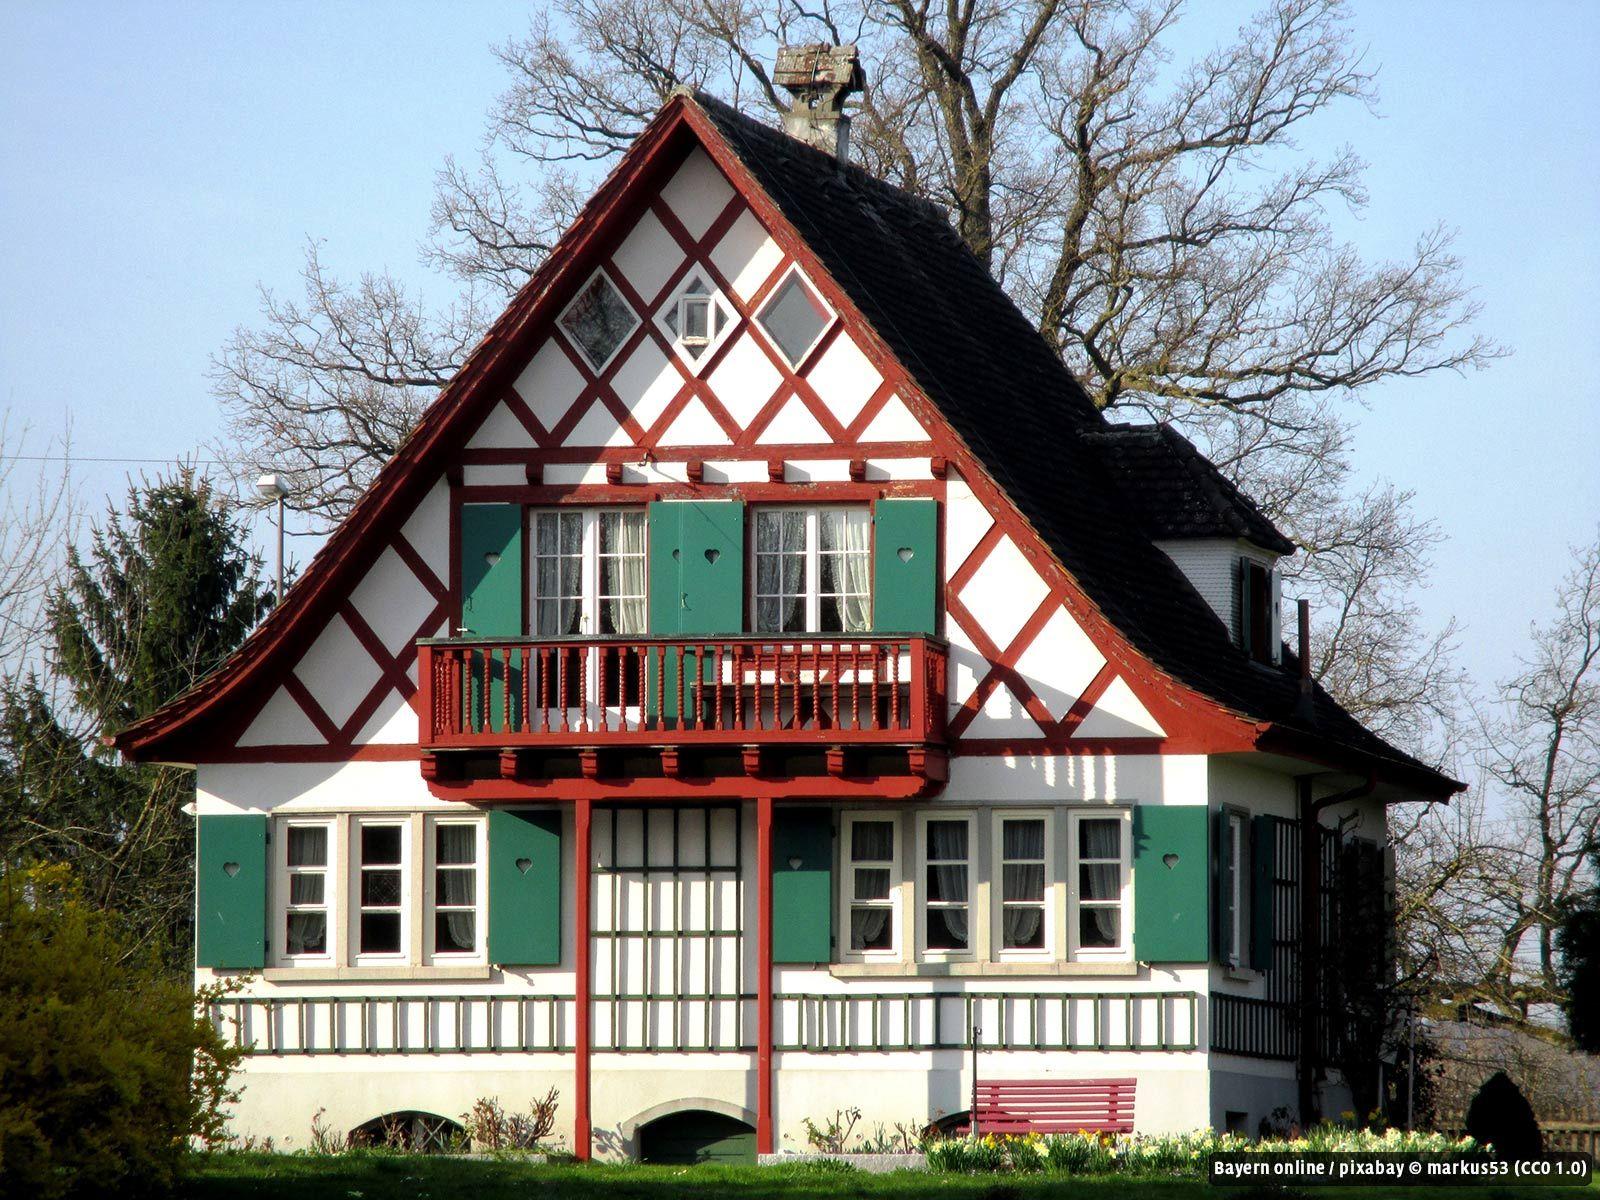 fränkische fachwerkhäuser Sehenswertes